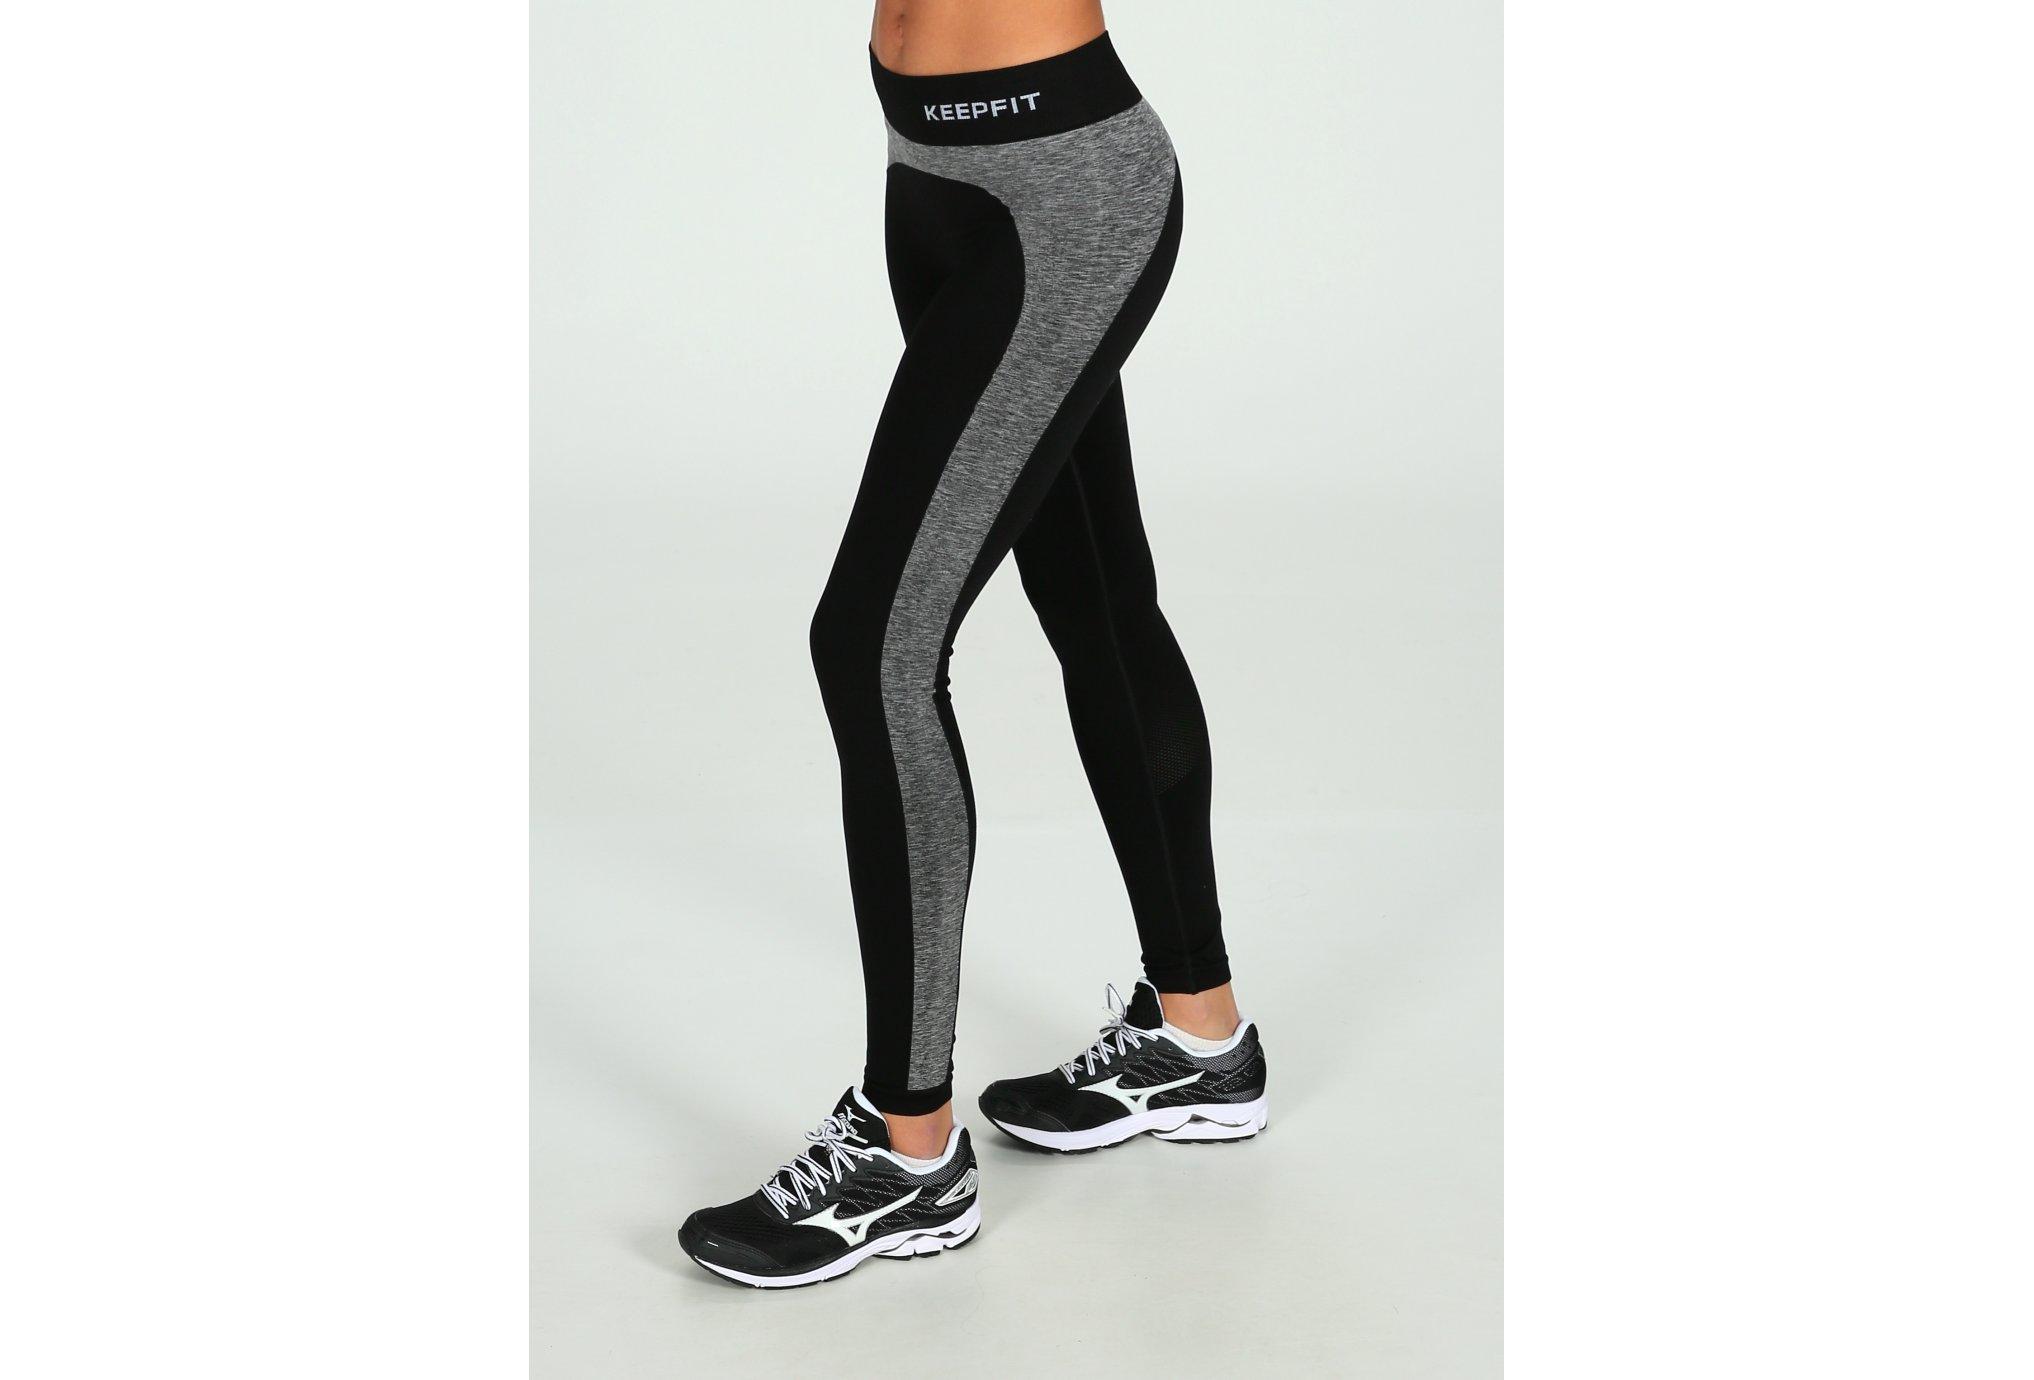 Trail Session - BV Sport Legging KeepFit W vêtement running femme 0fbc13002e56